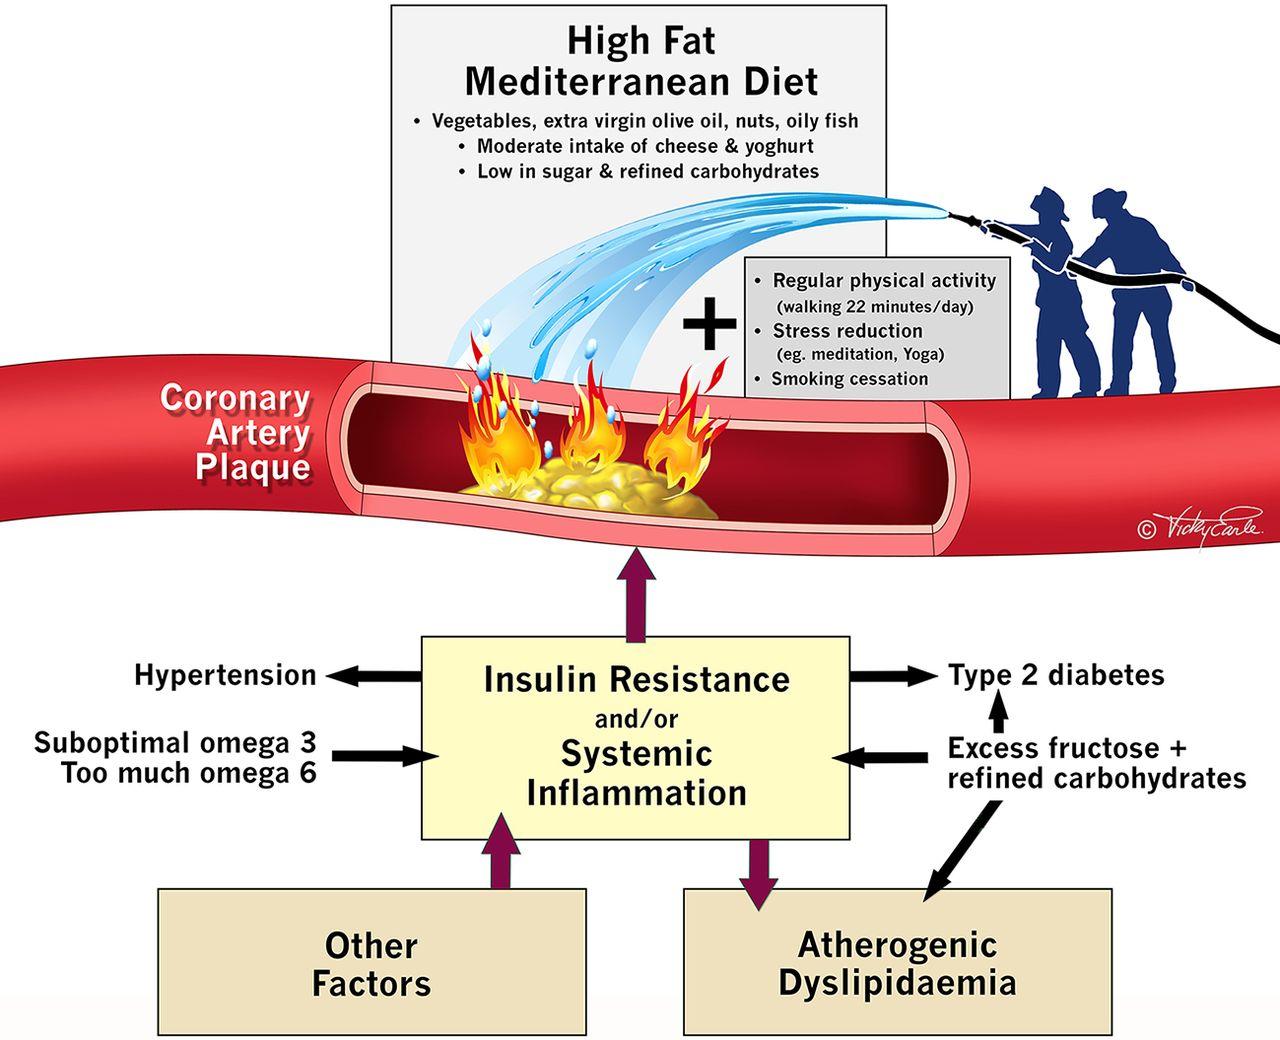 La inflamación crónica de las arterias coronarias es la causa de los infartos, no las grasas saturadas y el colesterol.